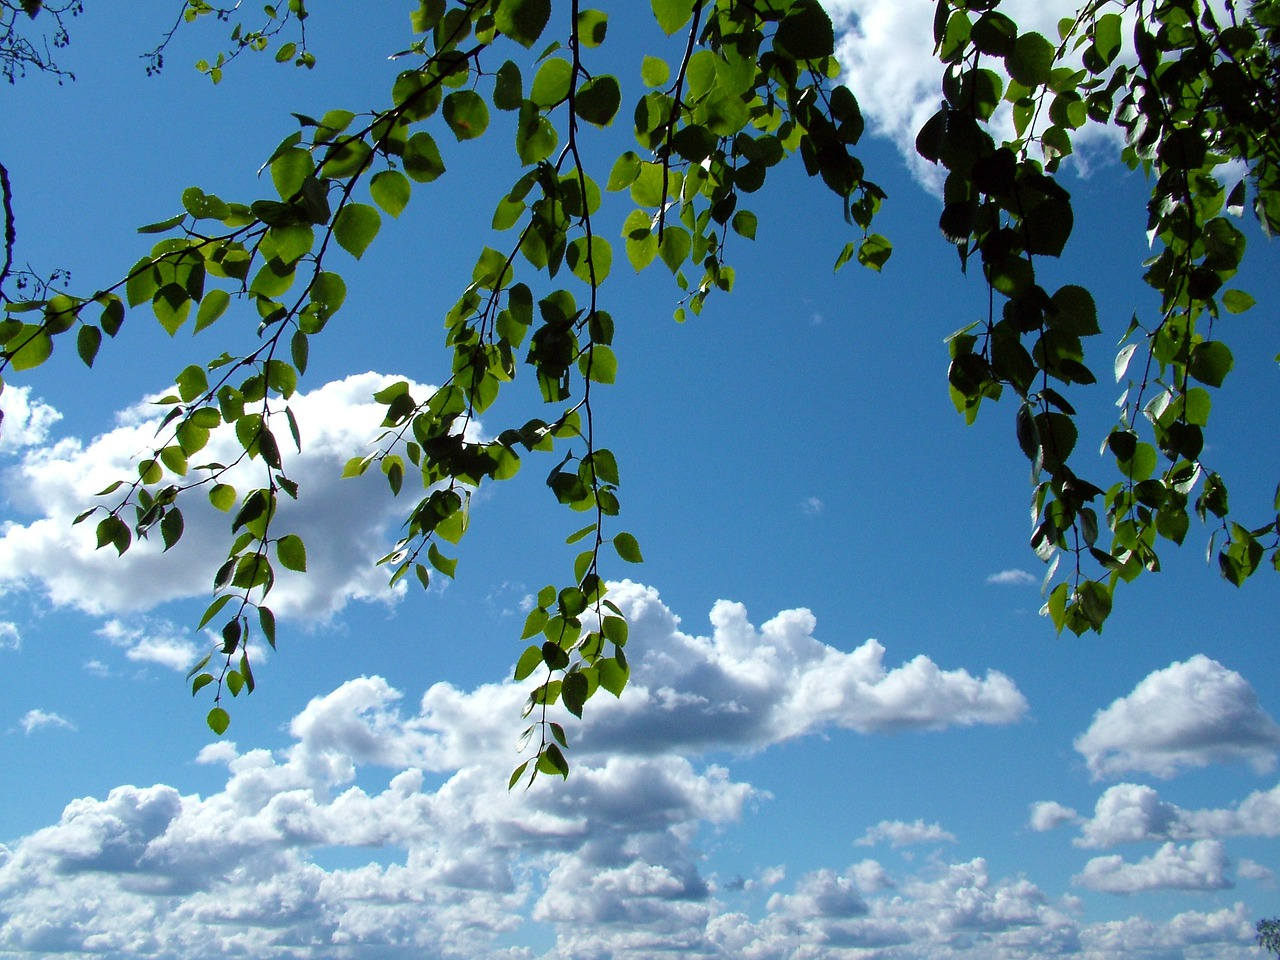 обои на рабочий стол небо облака и березы в апреле русских классиков